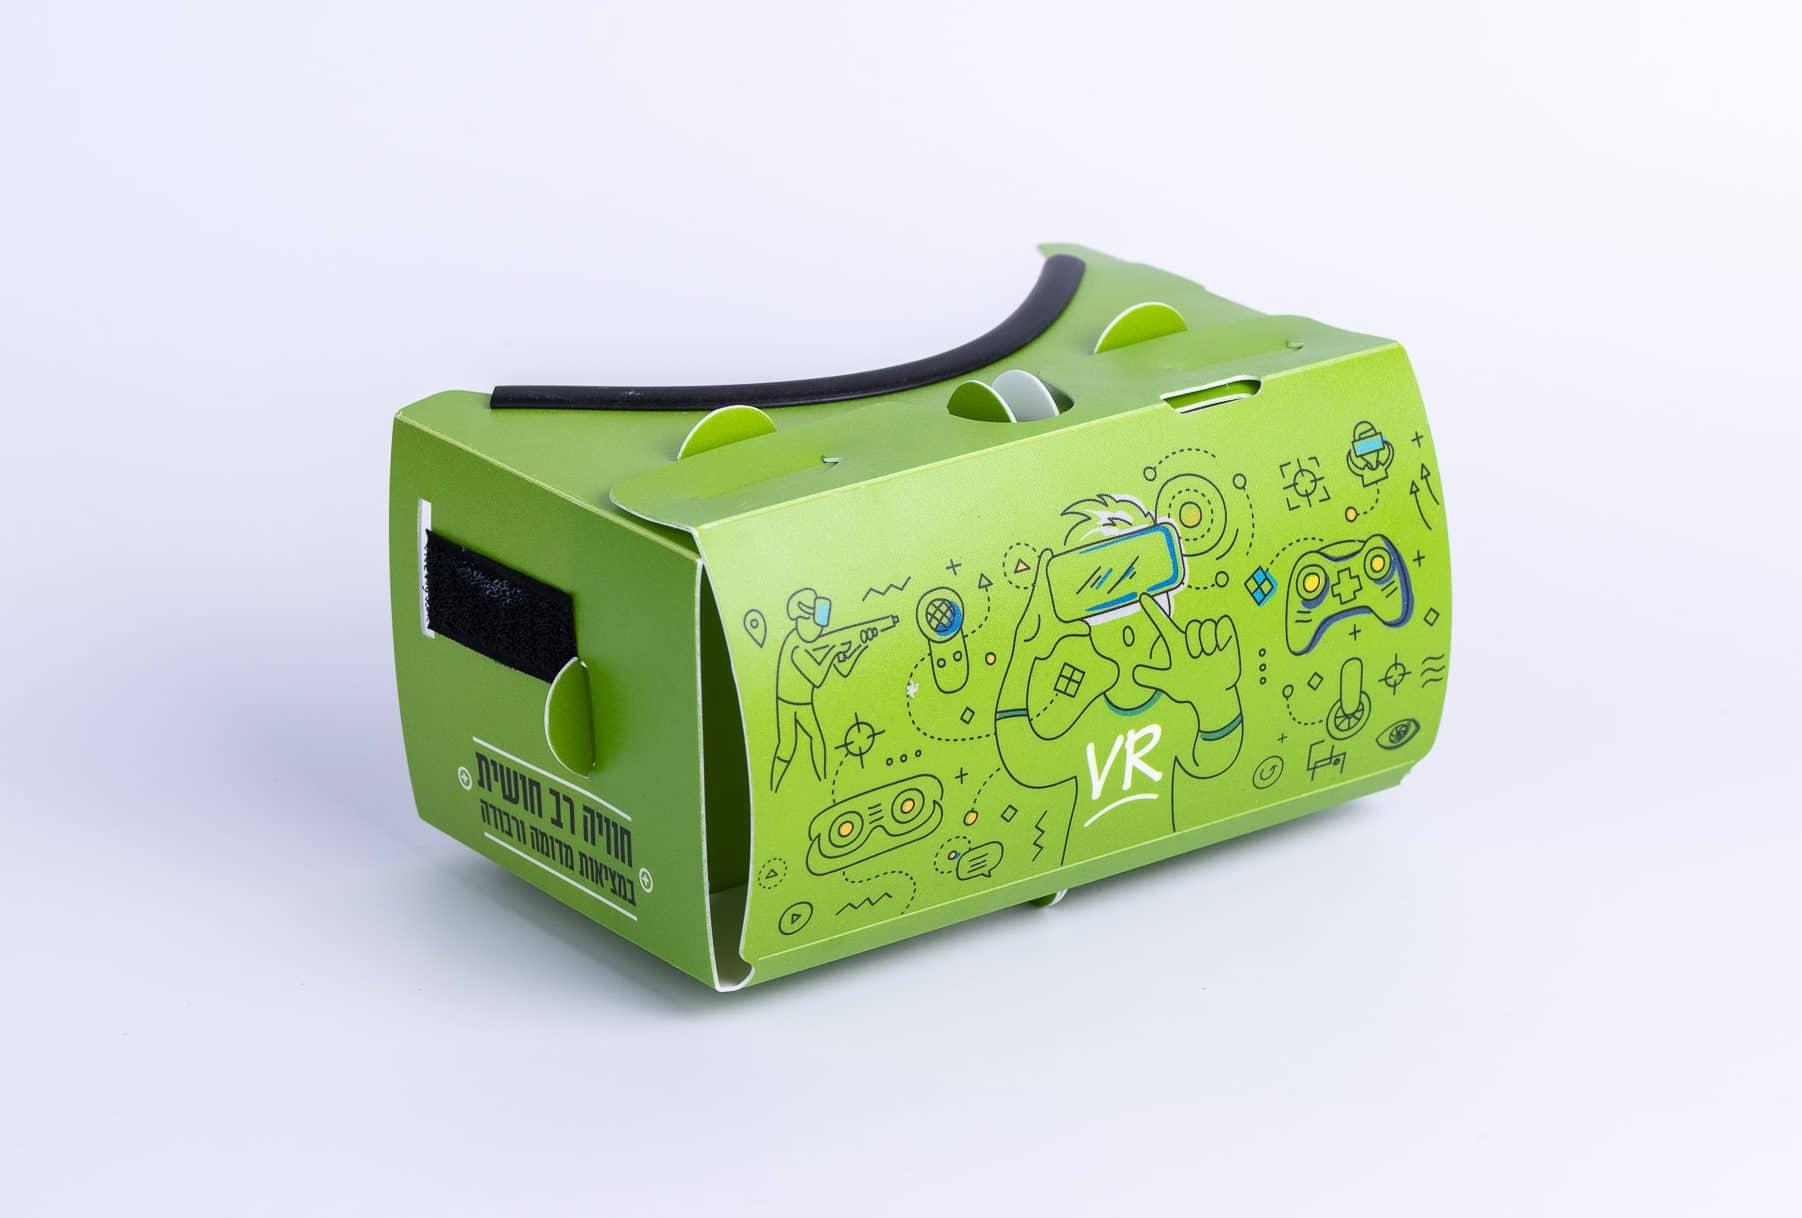 משקפי תלת מימד חדשני בצבע ירוק שעשוי מקרטון וגומי